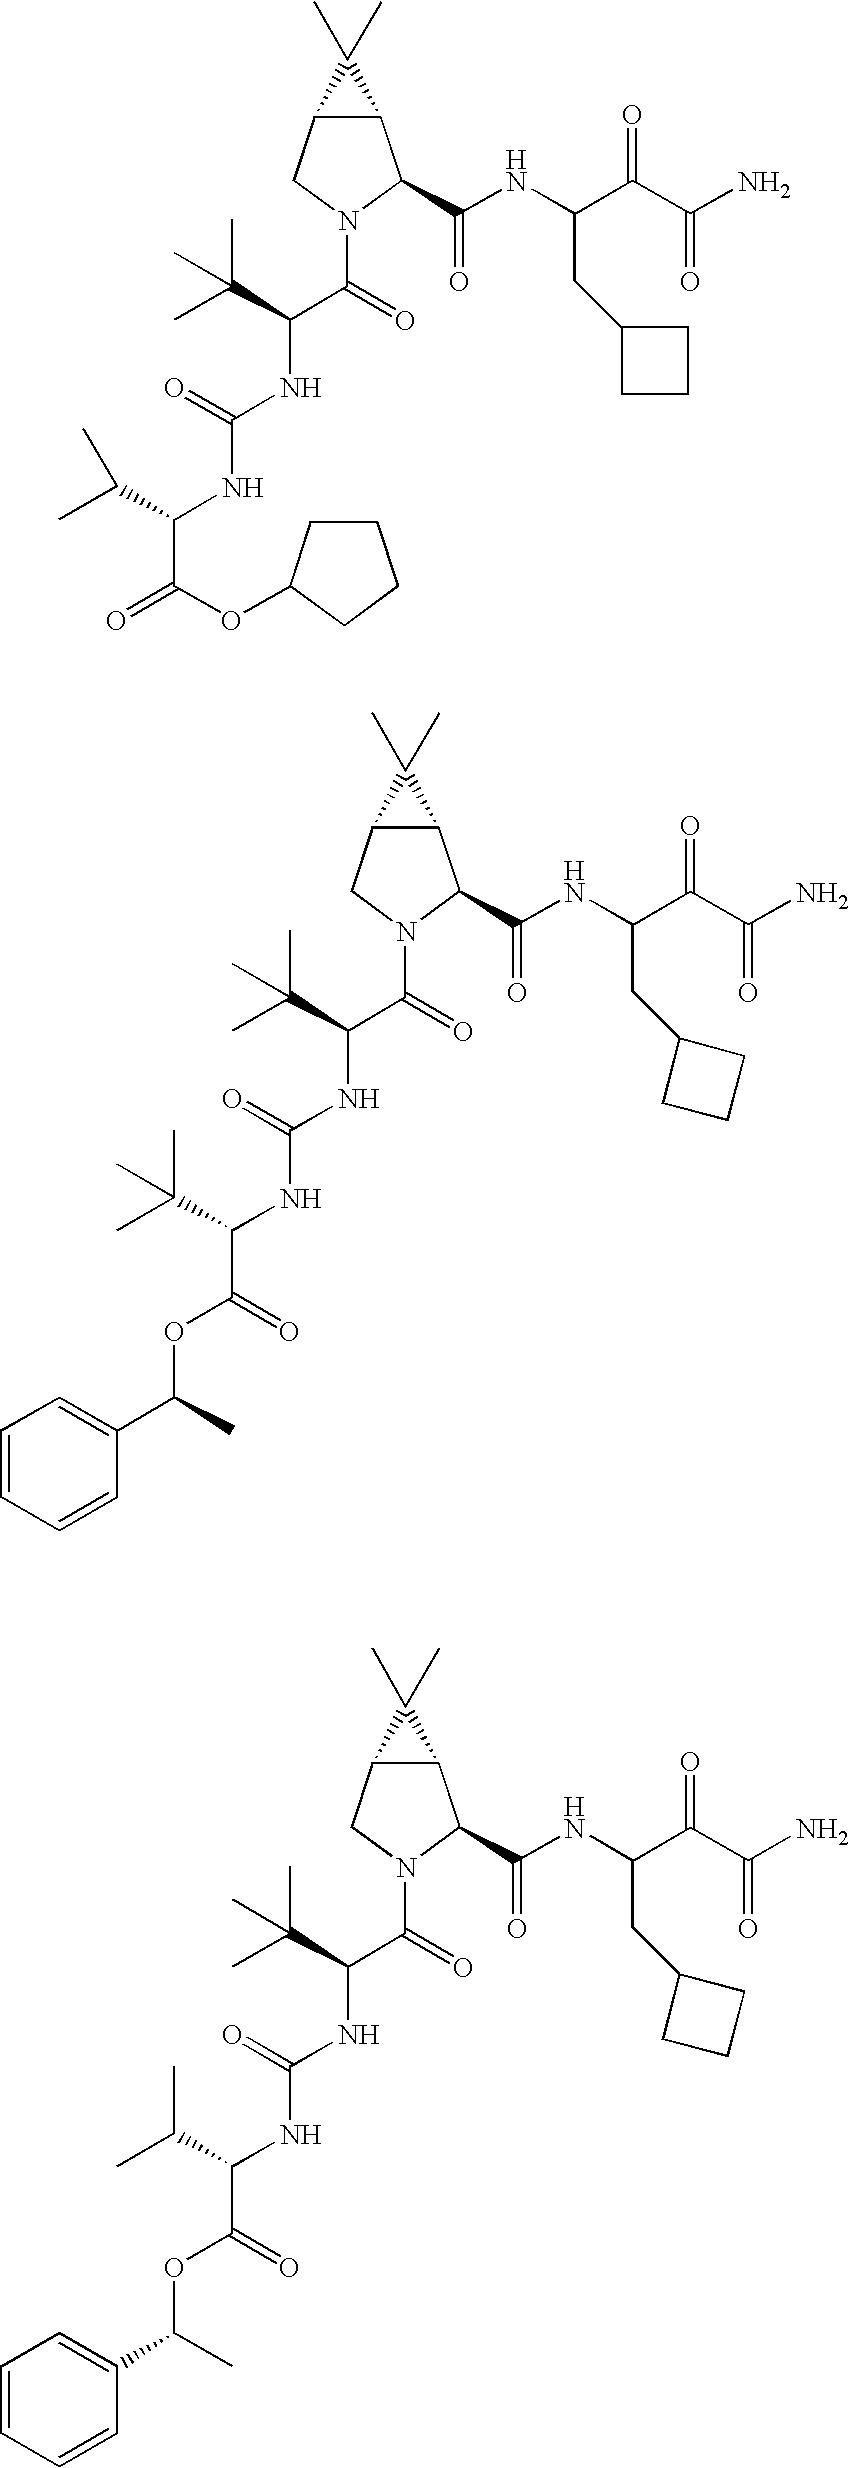 Figure US20060287248A1-20061221-C00267